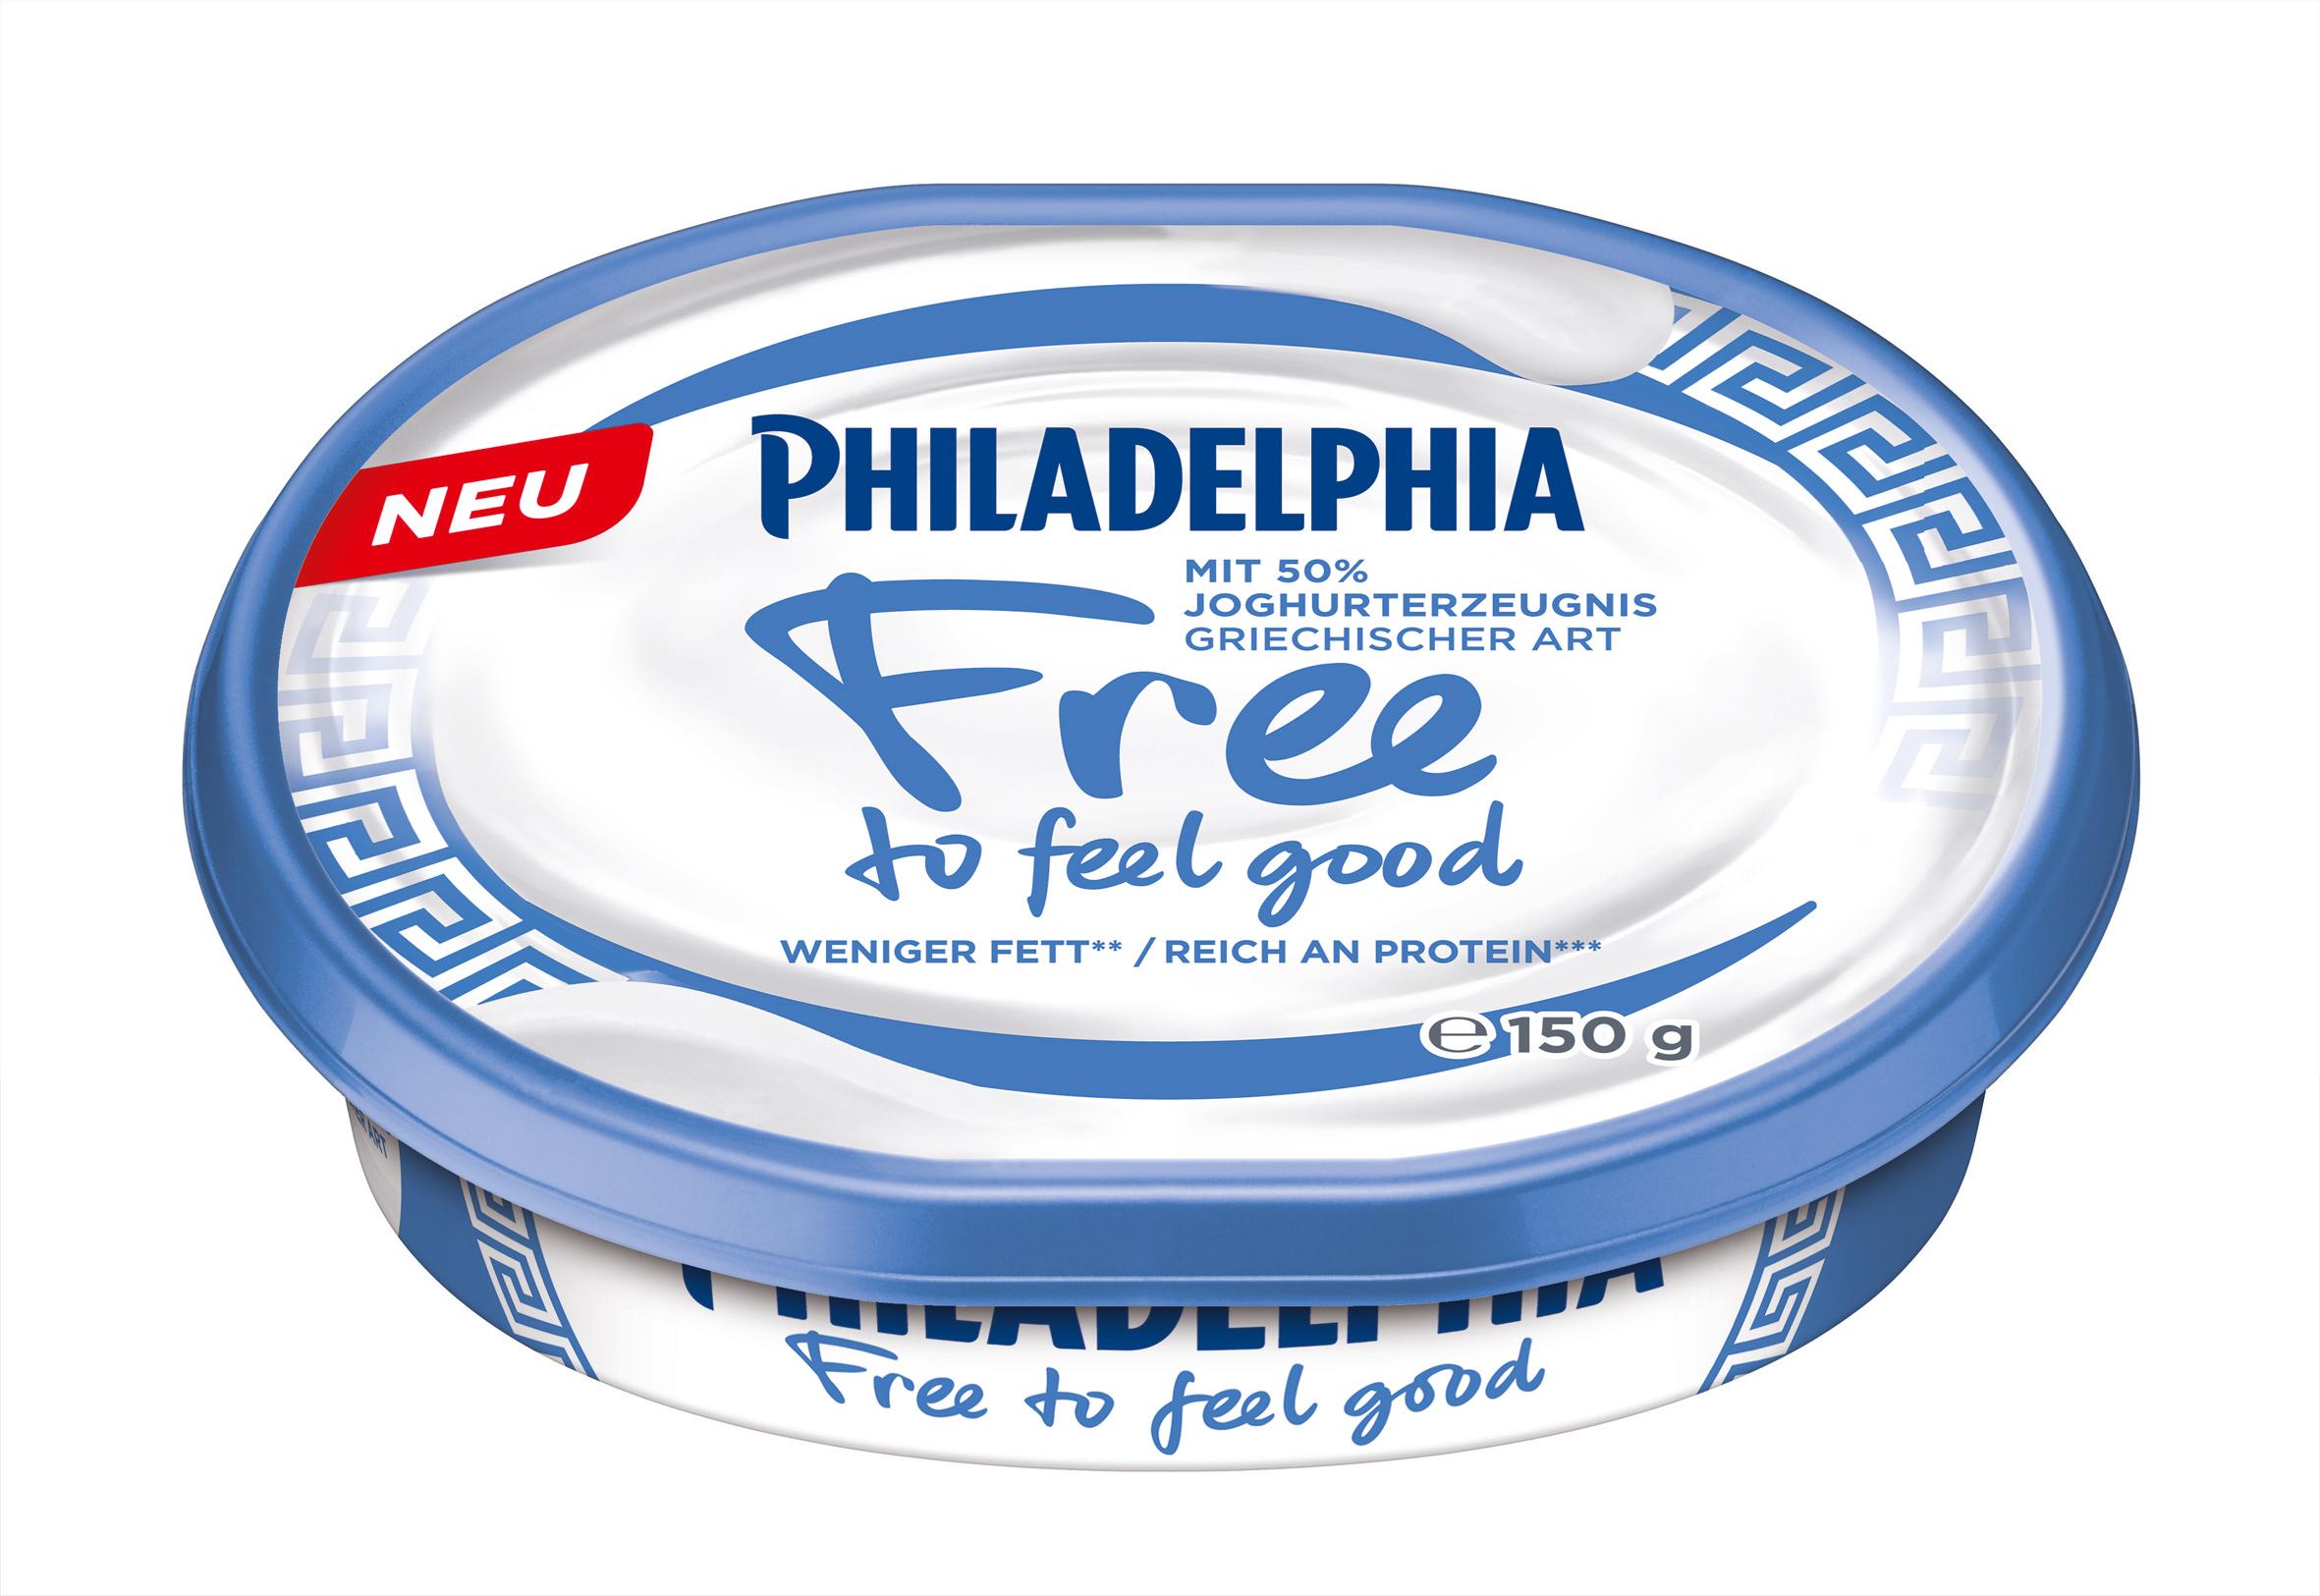 Philadelphia Free to feel good mit 50% Joghurterzeugnis griechischer Art